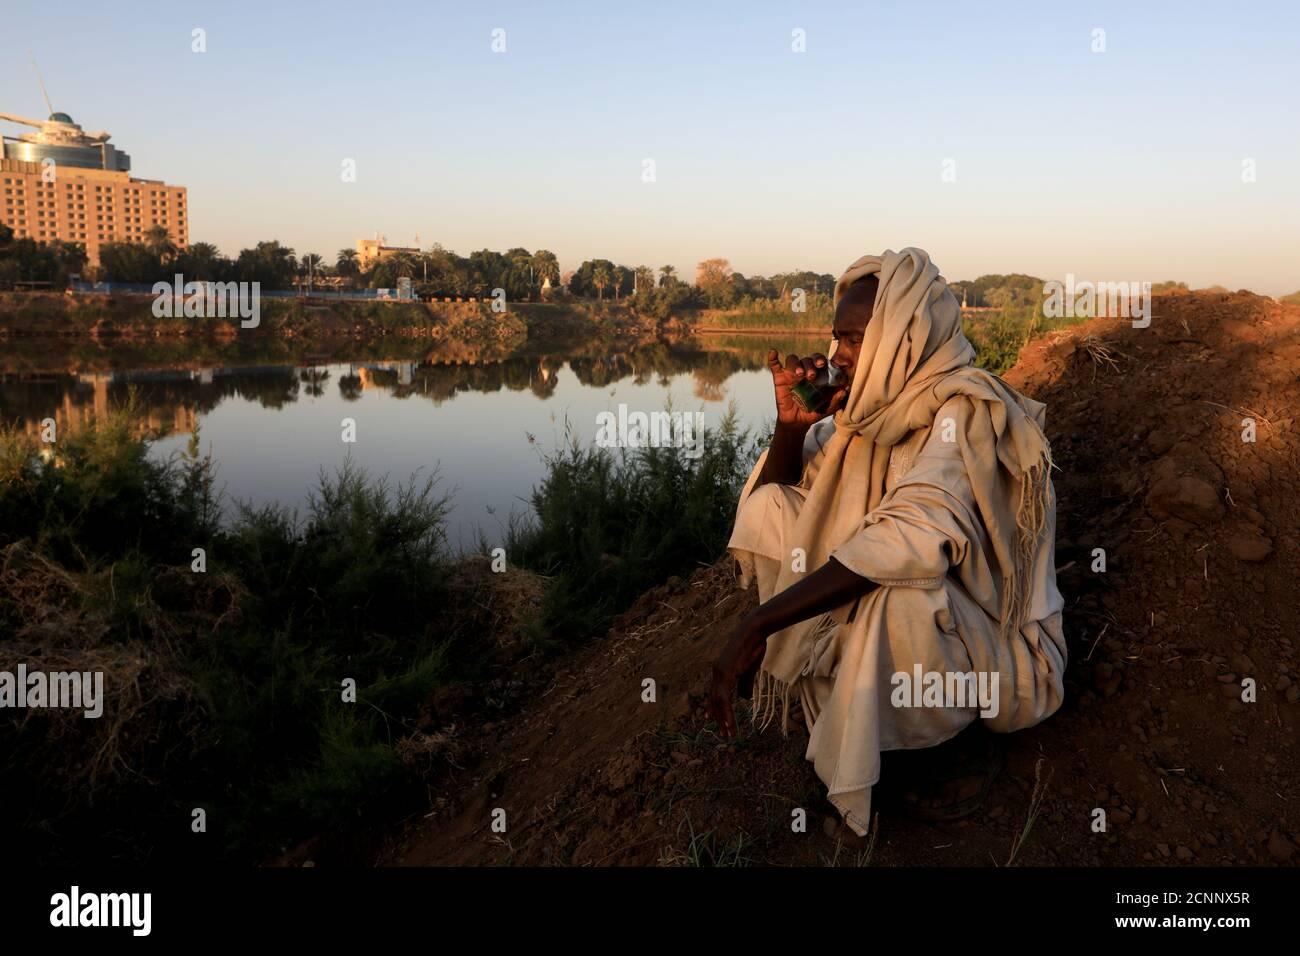 """Mohamed Ahmed al Ameen, de 55 años, un fabricante de ladrillos, bebe una taza de té mientras se sienta en el borde del Nilo Azul cerca de una fábrica al aire libre en la isla Tuti, Jartum, Sudán, 14 de febrero de 2020. """"Considero que el Nilo es algo con lo que nunca he estado, desde que nací"""", dijo Ameen. """"Yo como de ella, yo granja con ella. ¿también extrajo estos ladrillos de él? Toda mi fuente de ingresos proviene del Nilo."""" REUTERS/Zohra Bensemra BUSCA 'BENSEMRA NILE' PARA ESTA HISTORIA. BUSQUE """"IMAGEN MÁS AMPLIA"""" PARA TODAS LAS HISTORIAS. Foto de stock"""